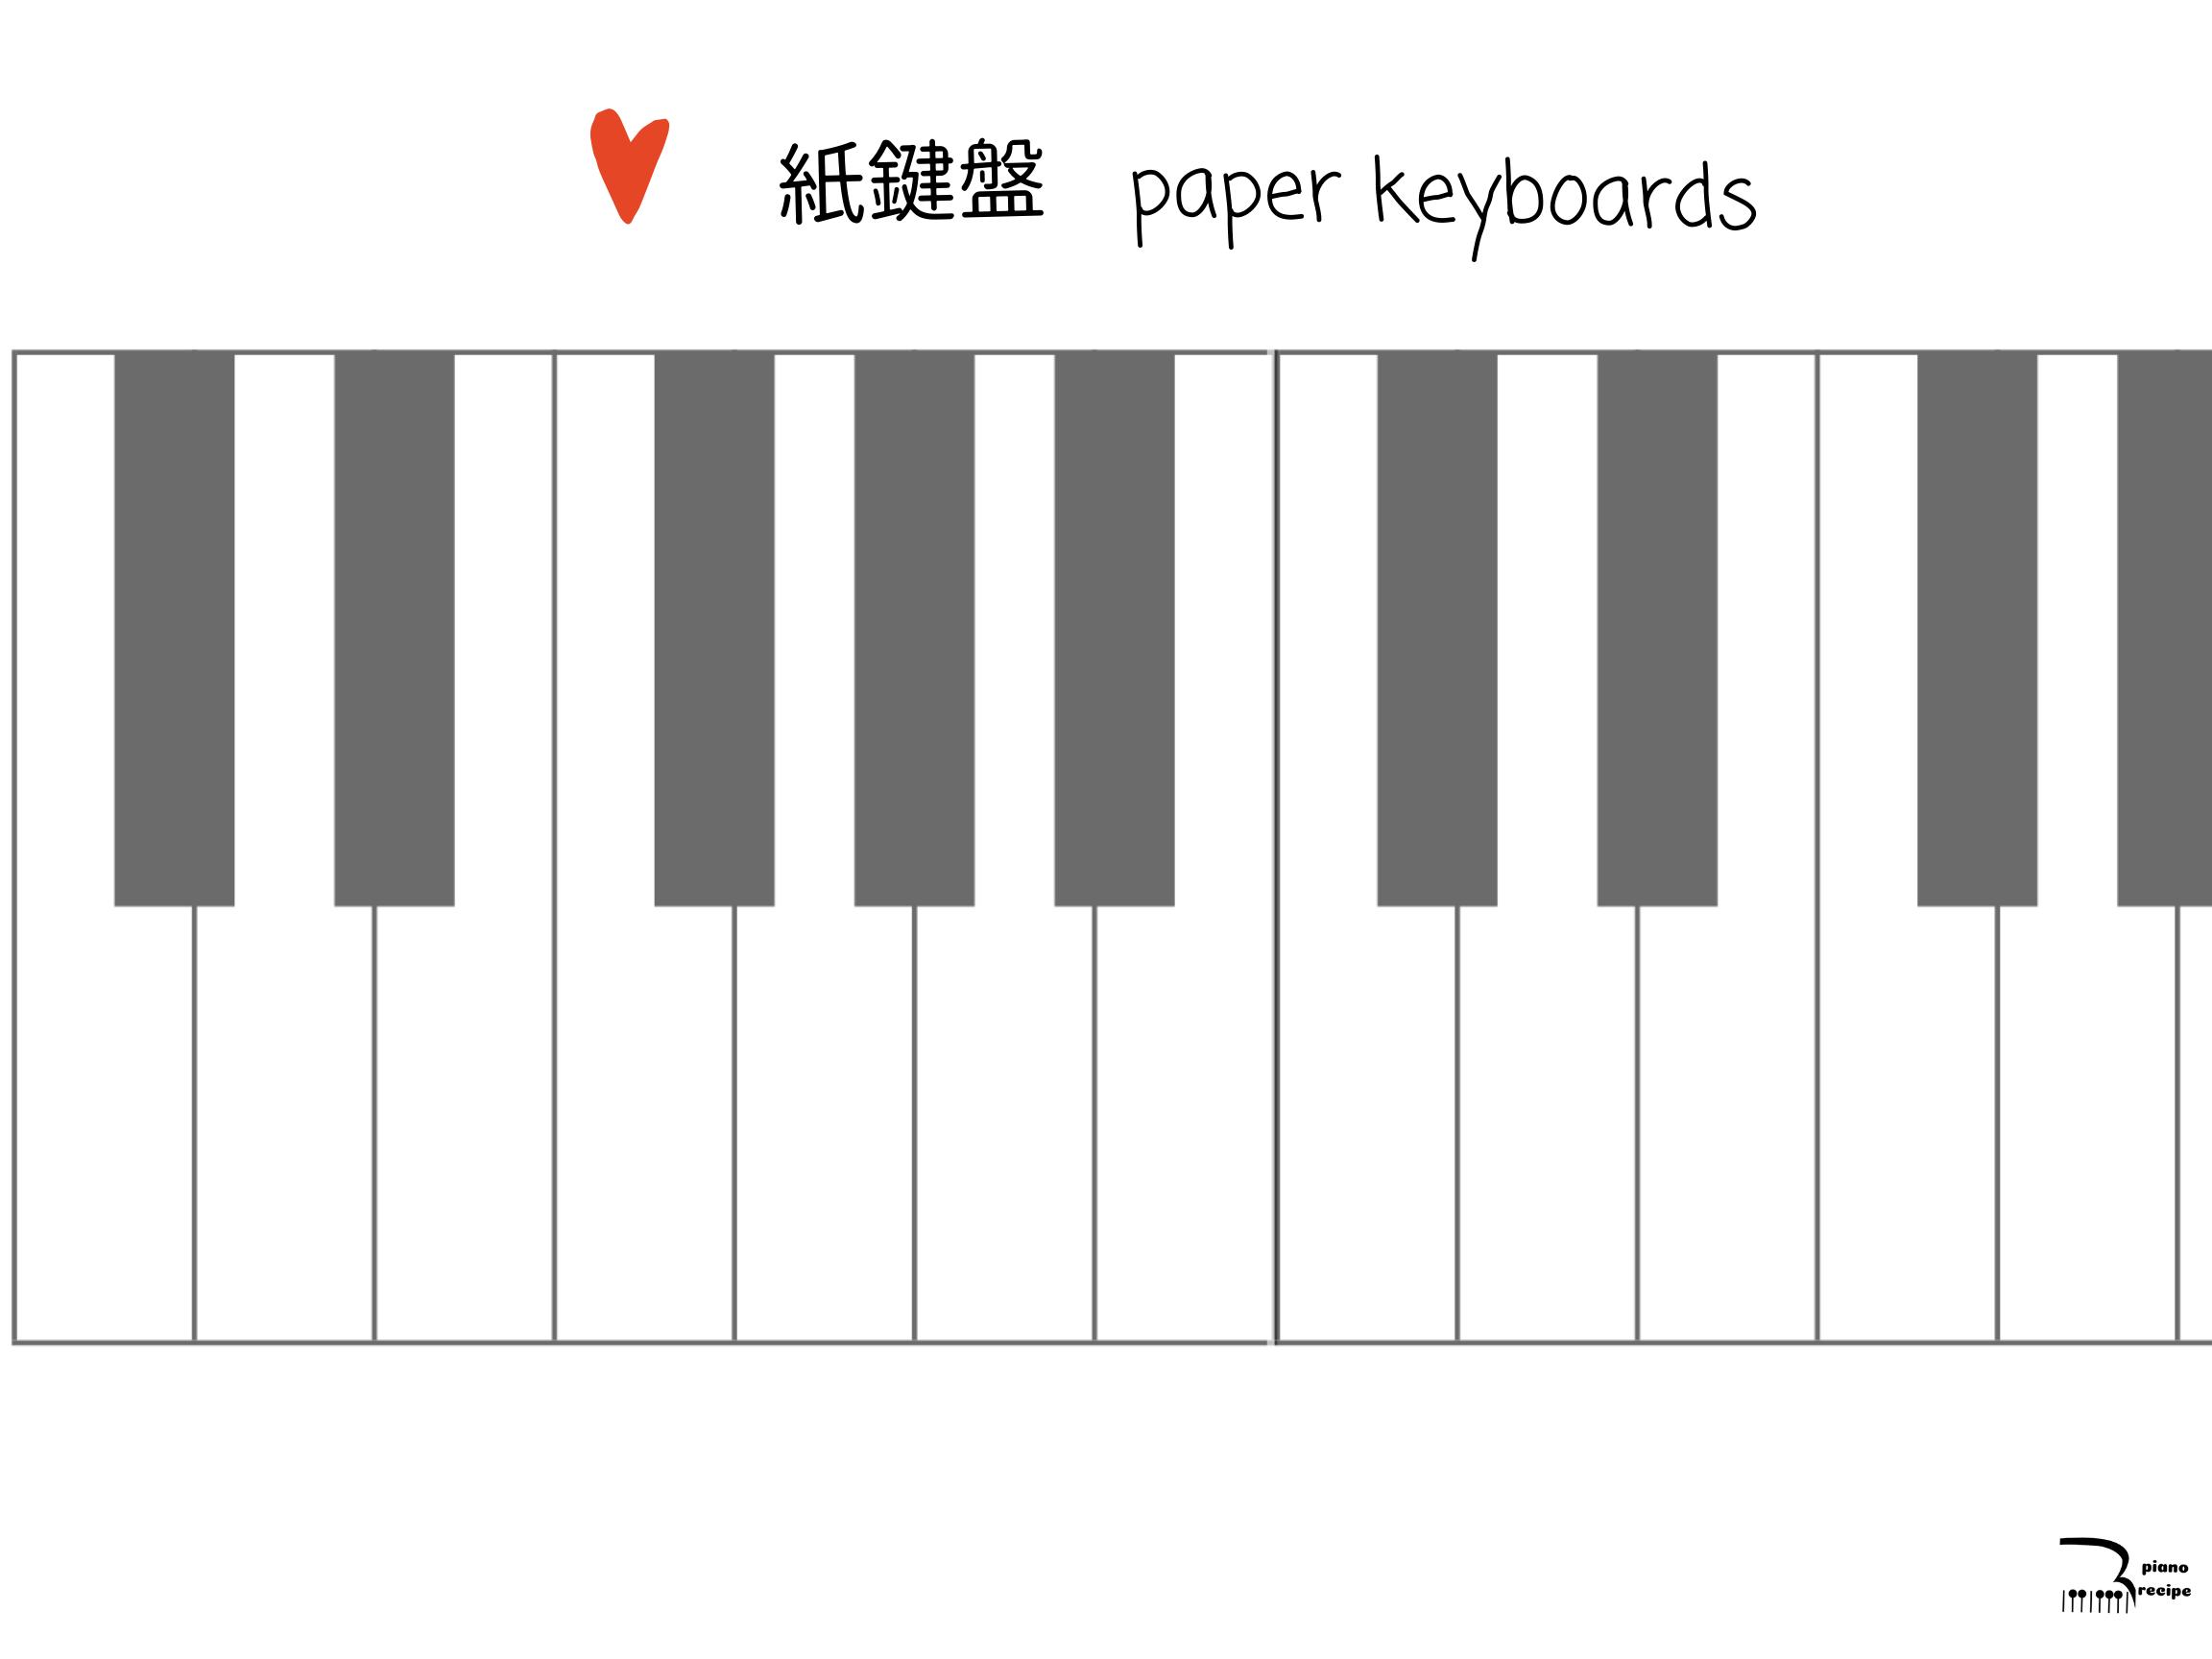 ピアノレシピ 紙鍵盤4